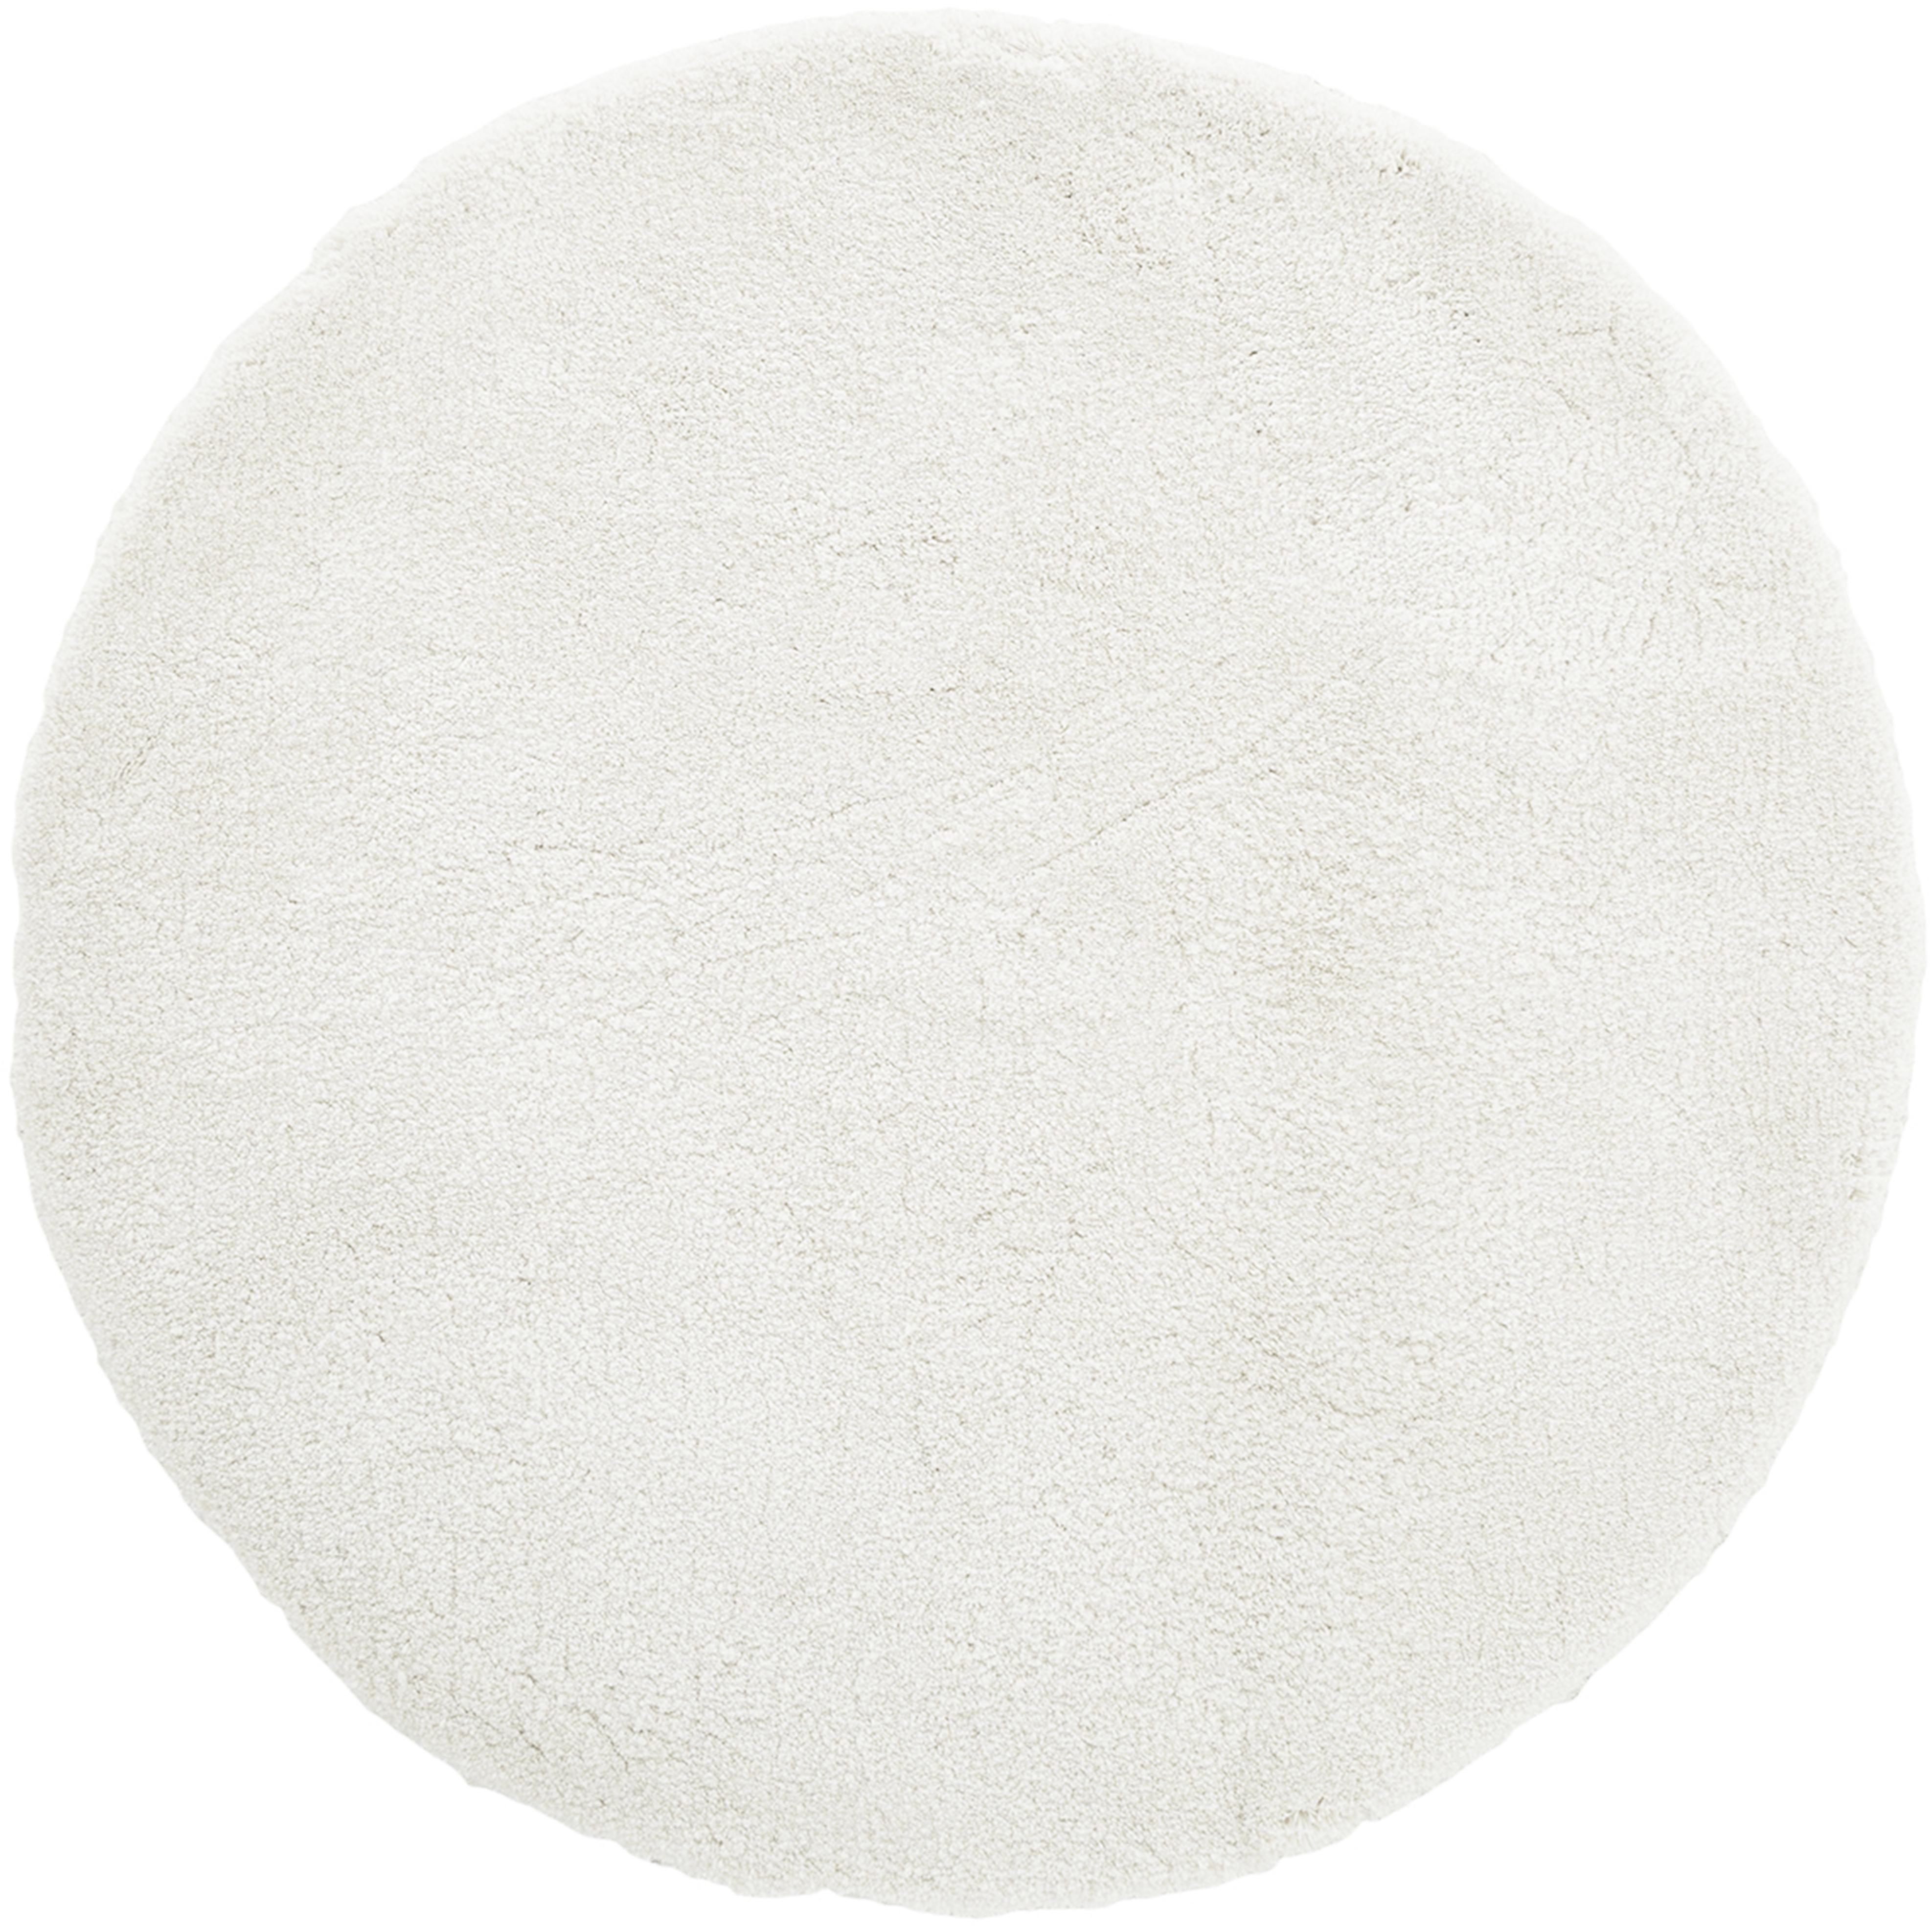 Flauschiger runder Hochflor-Teppich Leighton in Creme, Flor: 100% Polyester (Mikrofase, Creme, Ø 120 cm (Größe S)